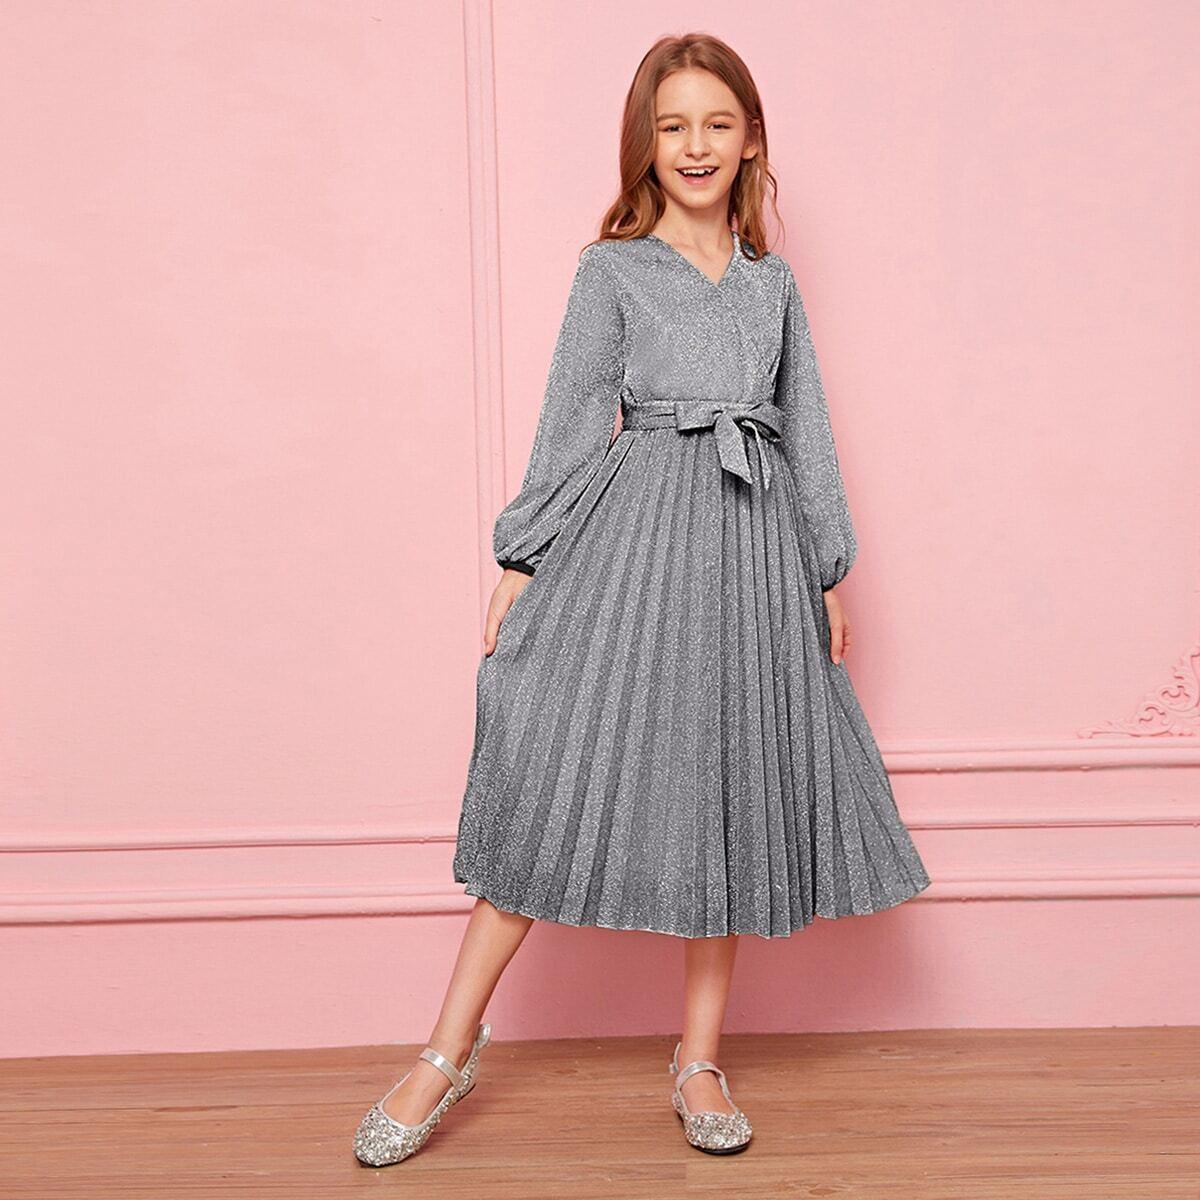 Блестящее плиссированное платье с поясом для девочек фото